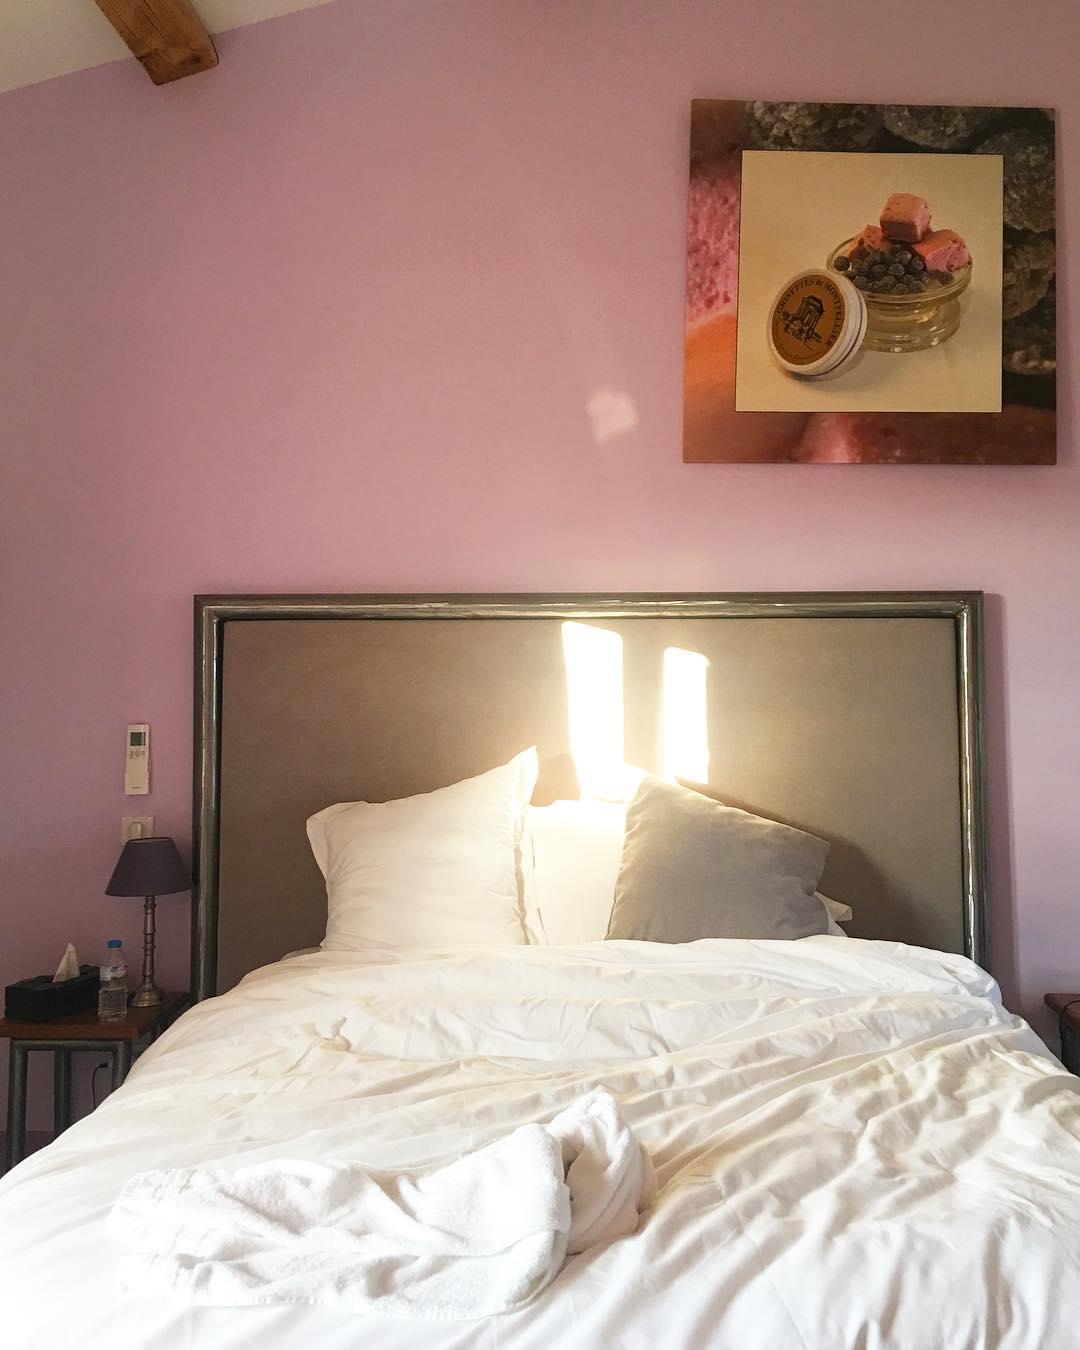 Réveil plein soleil au Mas de France dans la chambre Grisette . 1 week-end au Pic Saint Loup ⛰? Au programme : rando, vin et gastronomie ❤️ ➕ MAS DE FRANCE • chambres d'hôtes ? Pic Saint Loup (34)?? ⛰ Tout sur #PintadePicSaintLoup  __________________ #masdefrance #masdebaumes #chambredhotes #picsaintloup #travel #blogtravel #travelgram #bloggertravel #voyage #trip #Montpellier #pintademontpellier #occitanie #roadtrip #oenologie #wine #gastronomie #randonnee